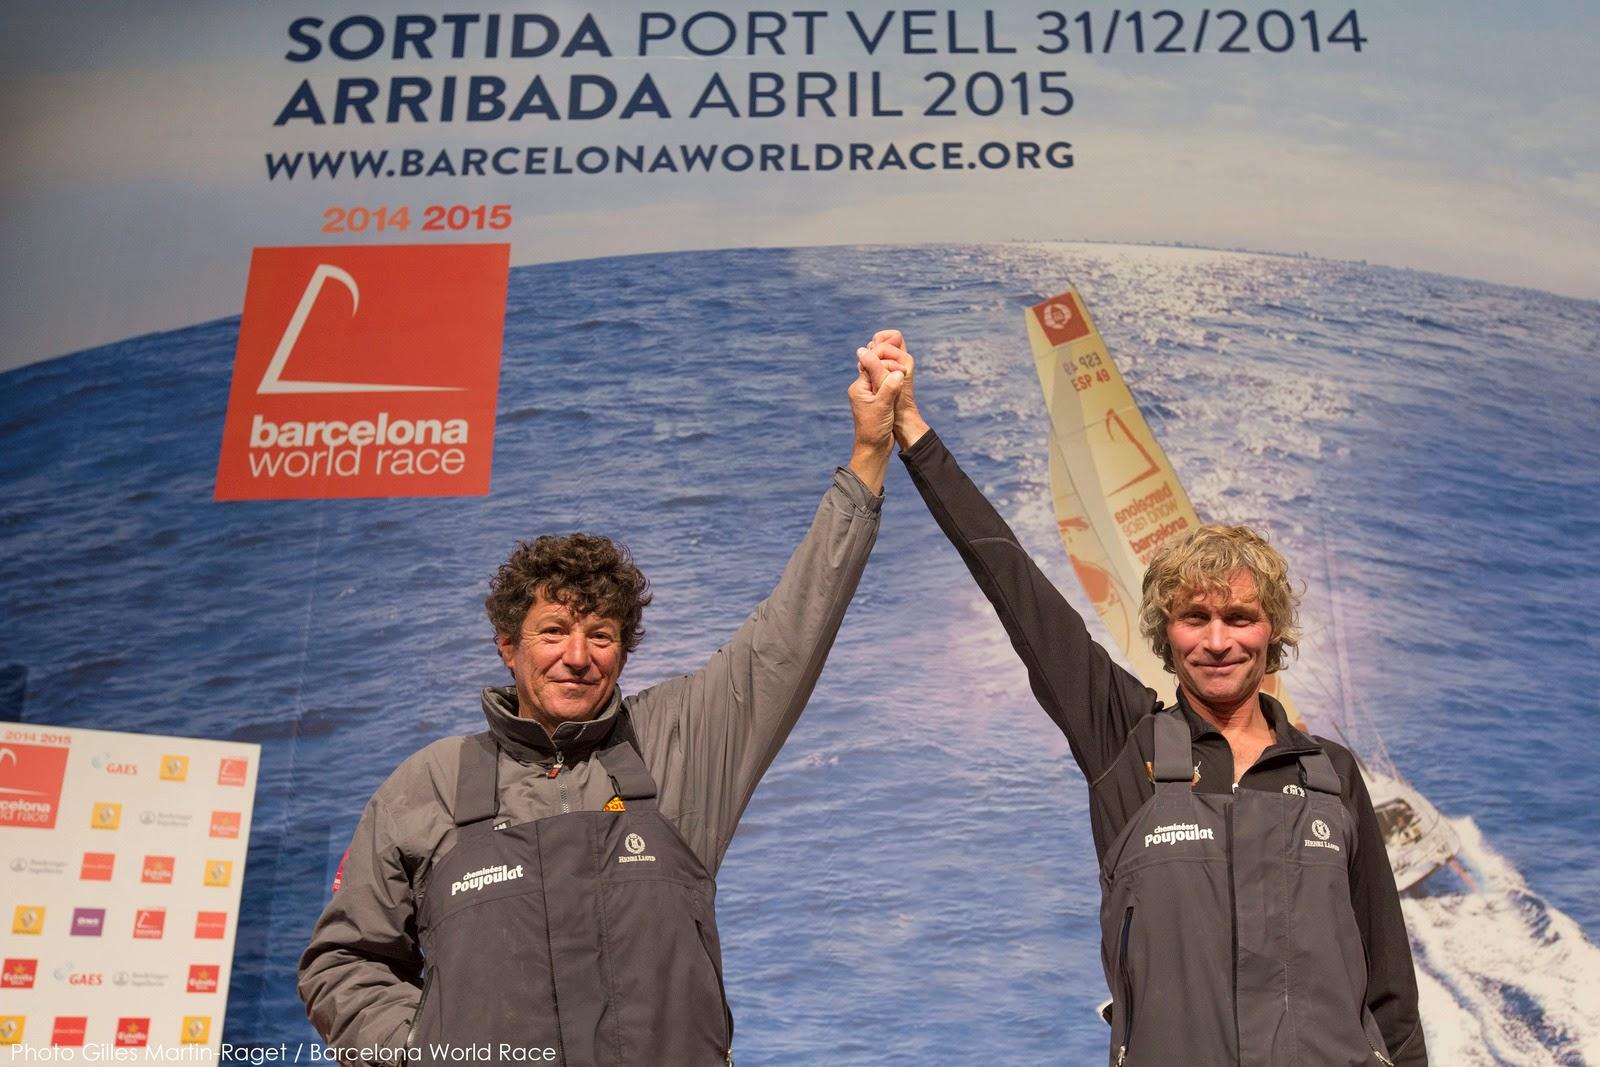 Bernard Stamm et Jean Le Cam vainqueurs de la Barcelona World Race 2014.